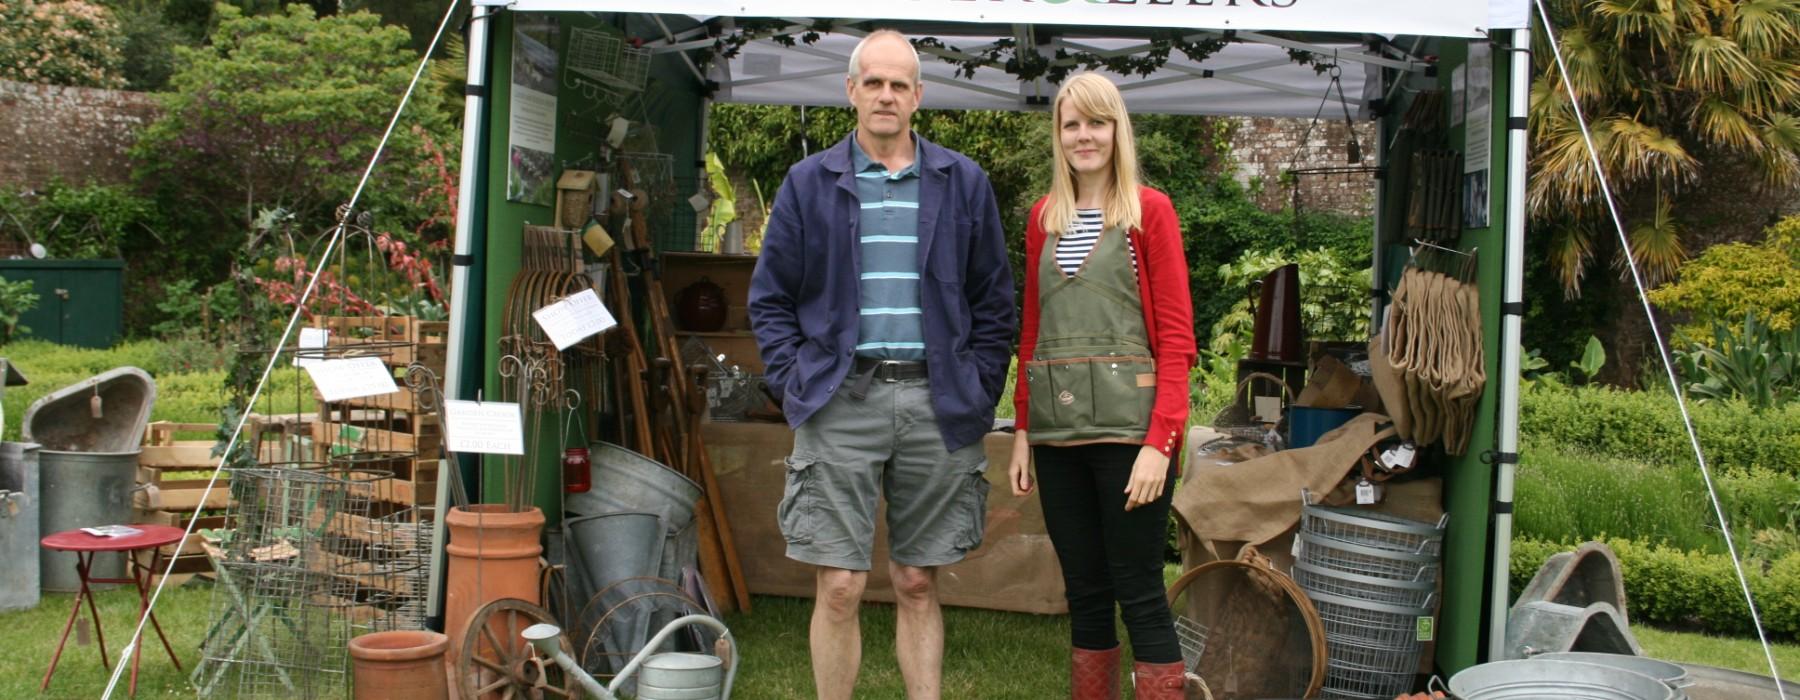 Upton Garden Fair